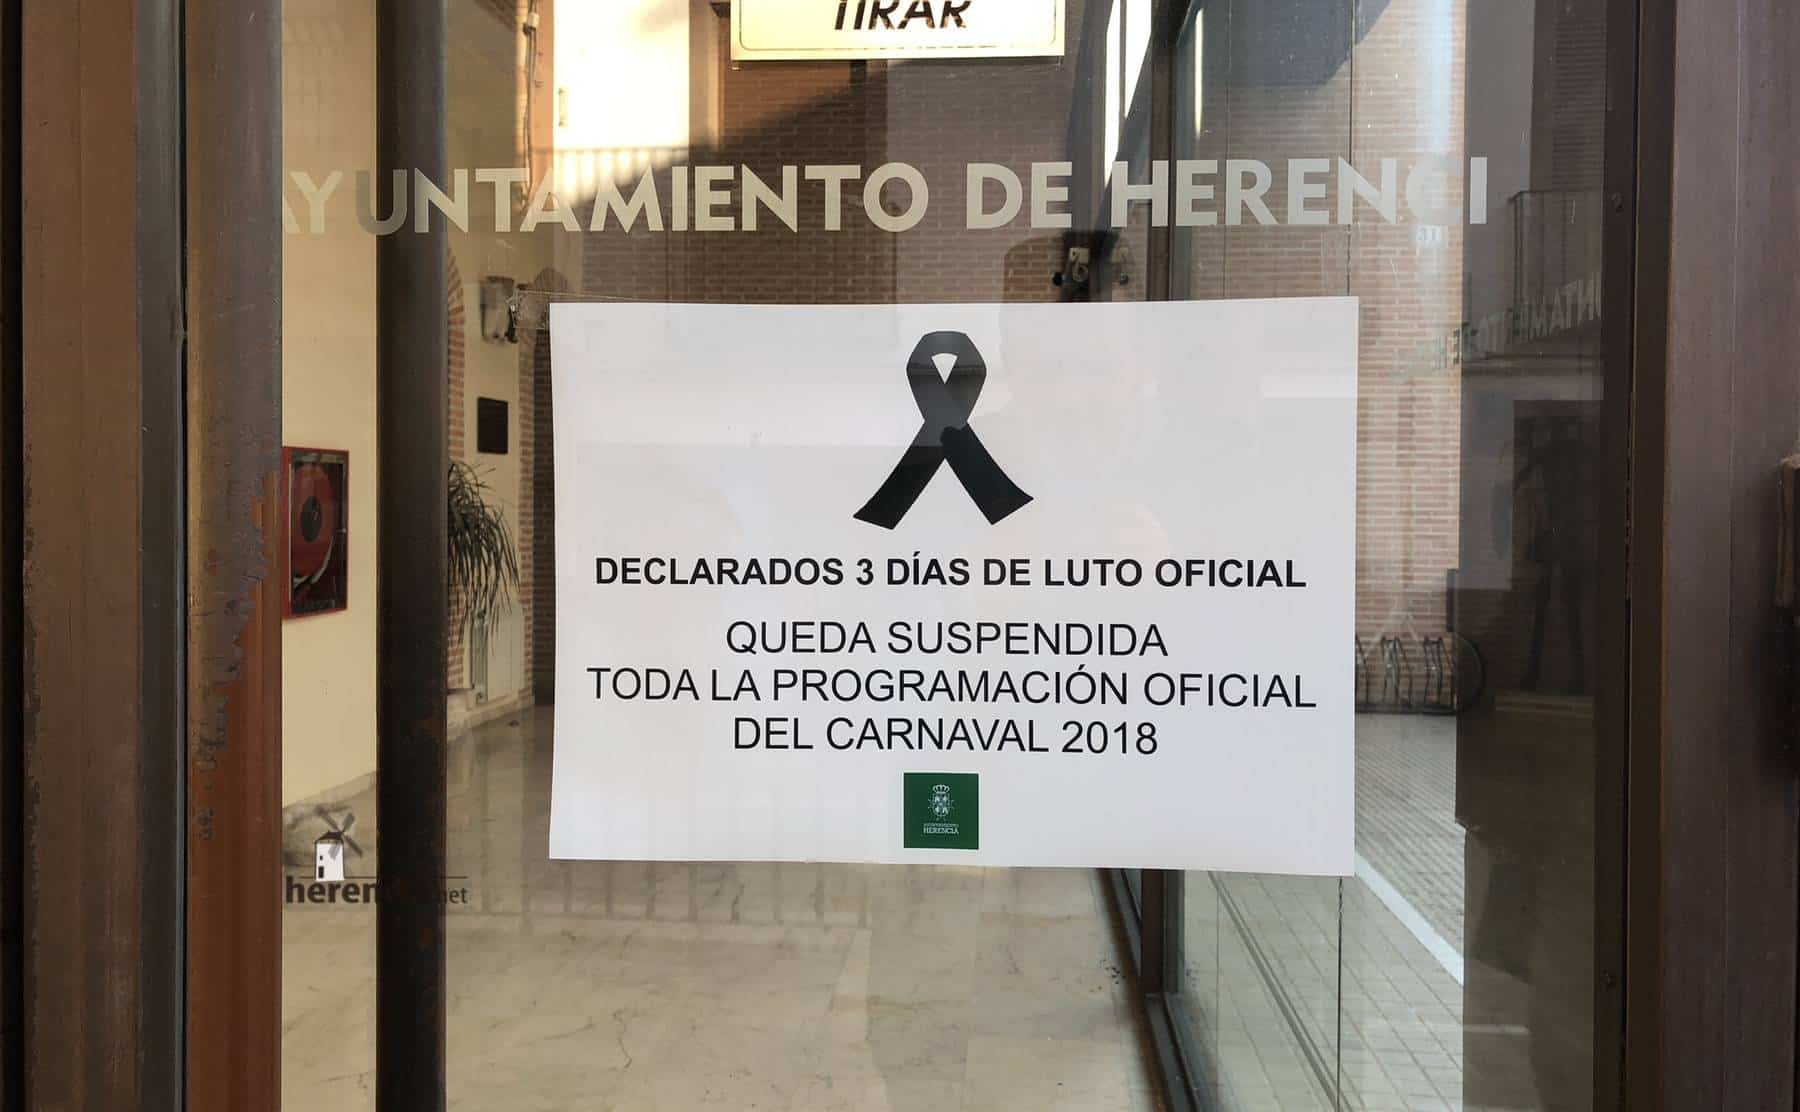 silencio contra violencia herencia 4 - Herencia muestra su condena a la violencia en la Plaza de España